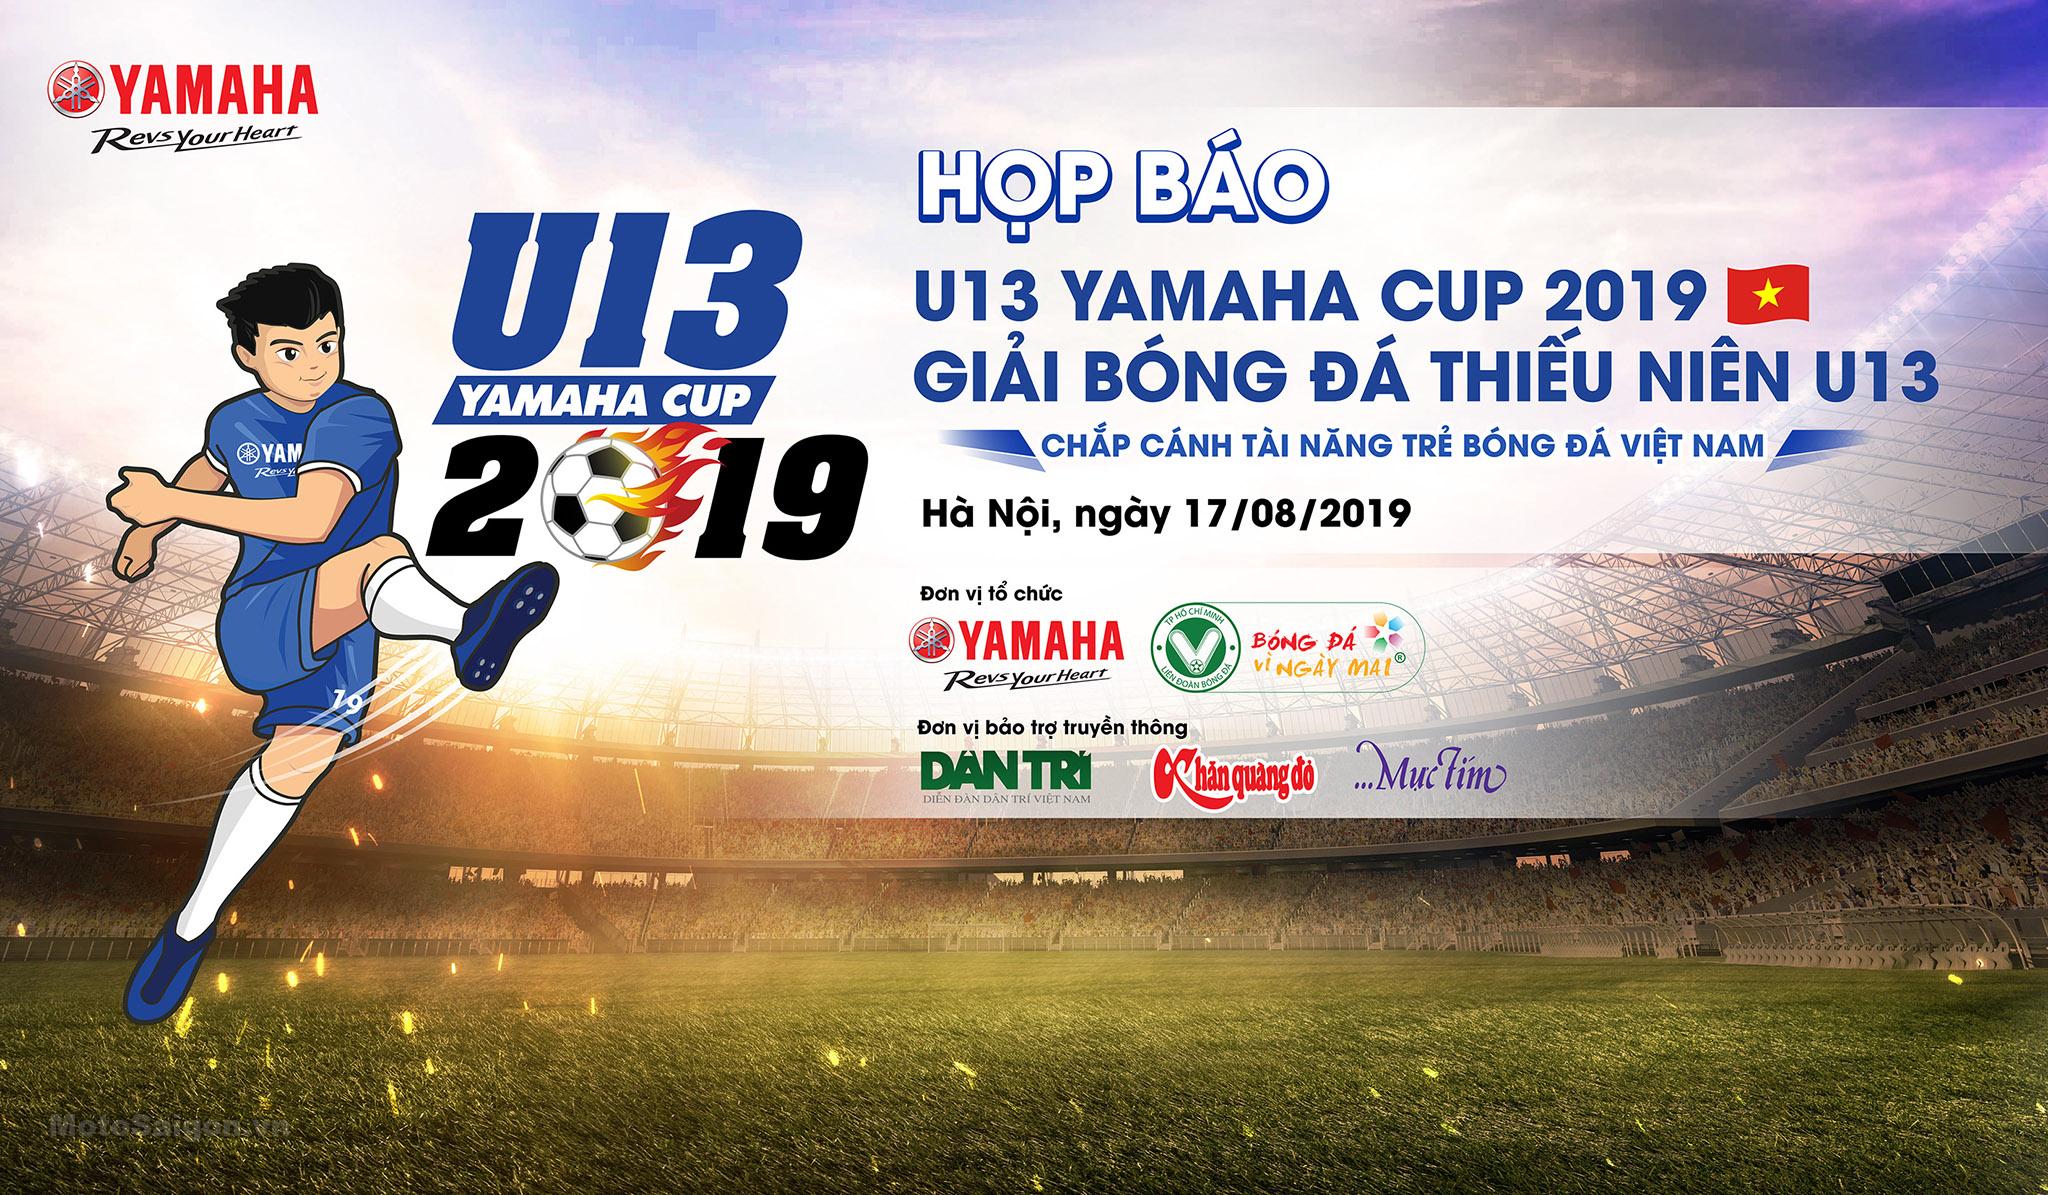 Yamaha Việt Nam đồng hành cùng Giải Bóng Đá U13 Yamaha Cup 2019